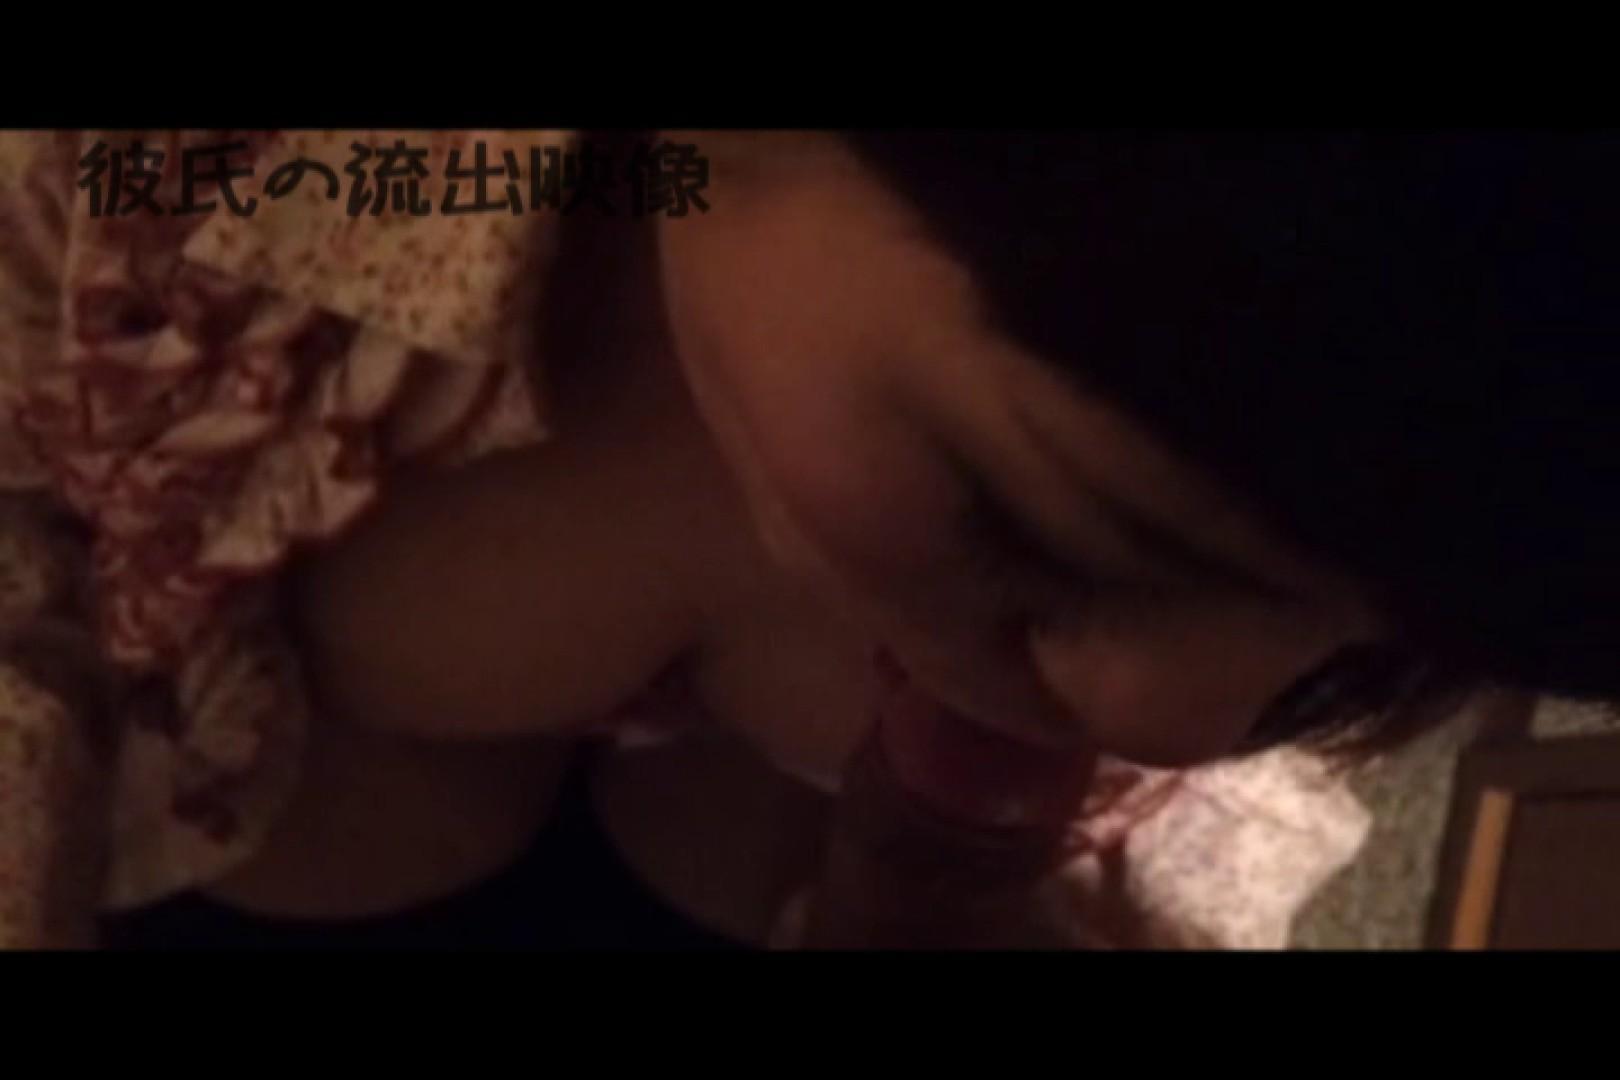 彼氏が流出 パイパン素人嬢のハメ撮り映像03 カップル AV無料 81pic 47